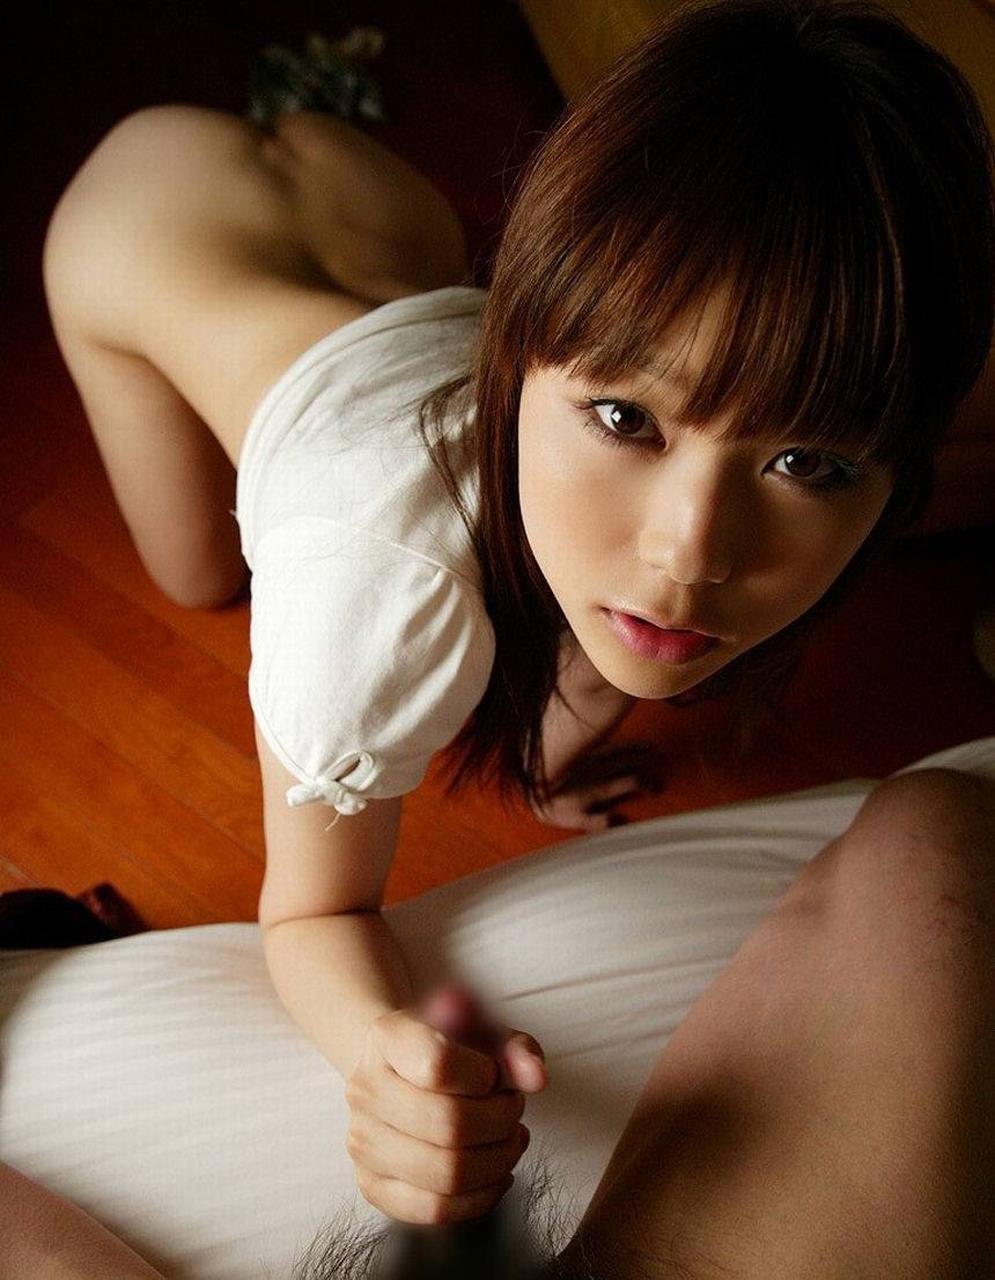 【手コキエロ画像】手抜きではないw女のシゴきが導いてくれる手コキご奉仕www 09